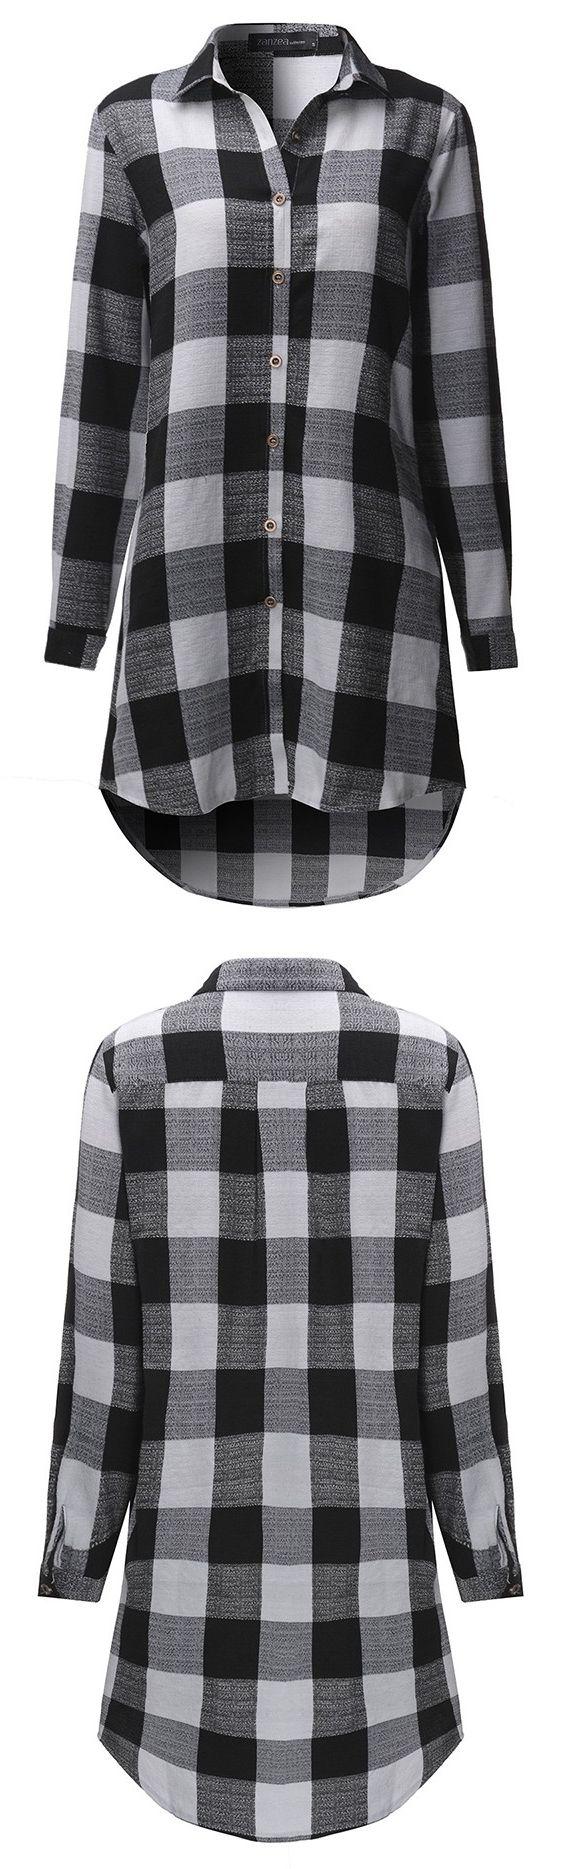 $19.71 Plus Size Loose Cotton Plaid  Shirt For Women